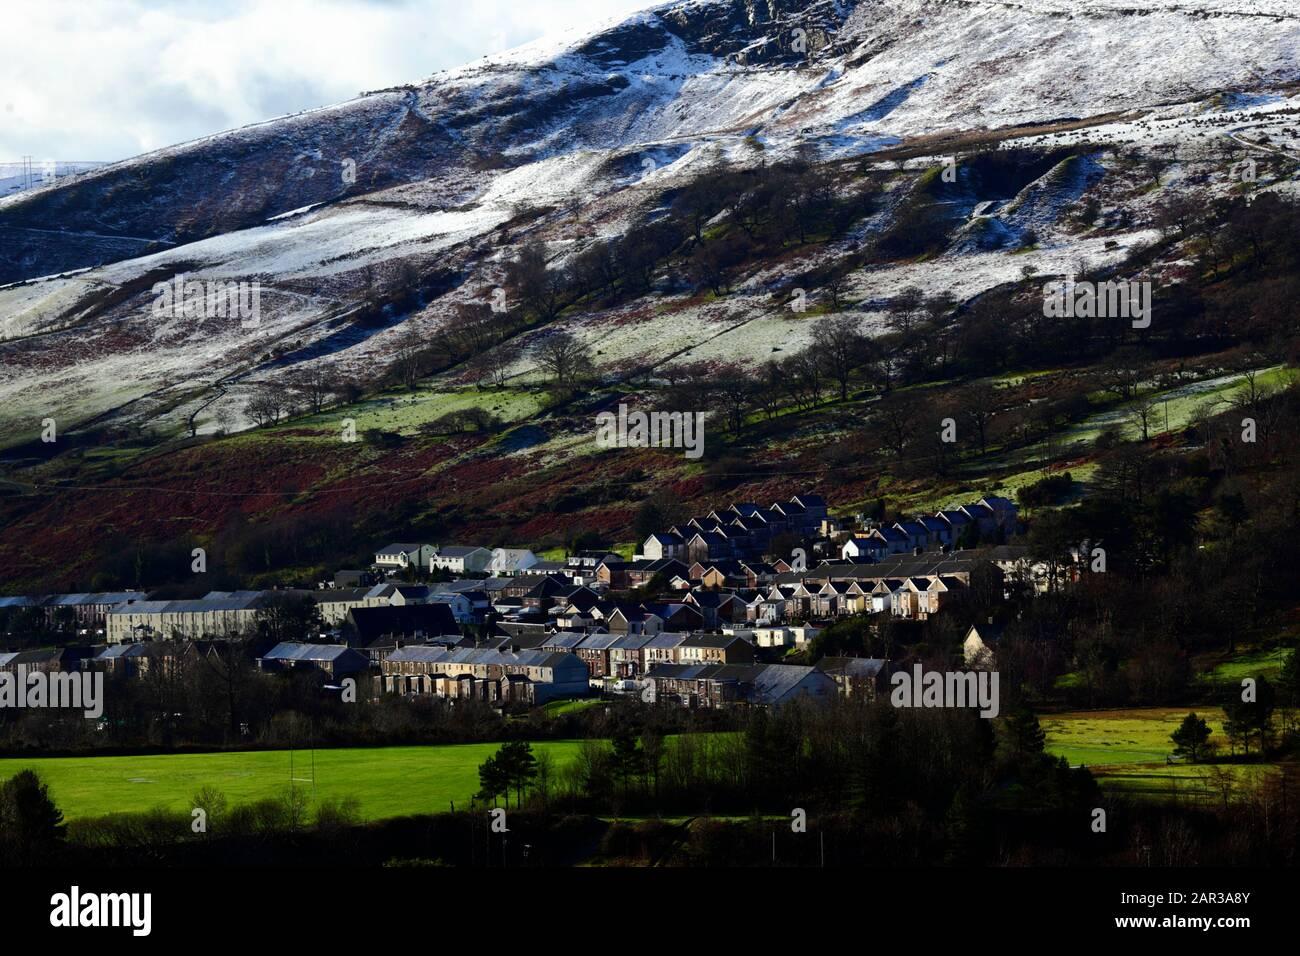 Ancien village minier de Wyndham dans la vallée supérieure d'Ogmore, avec une chute de neige d'une nuit sur les collines derrière, Mid Glamourgan, Pays de Galles du Sud, Royaume-Uni Banque D'Images